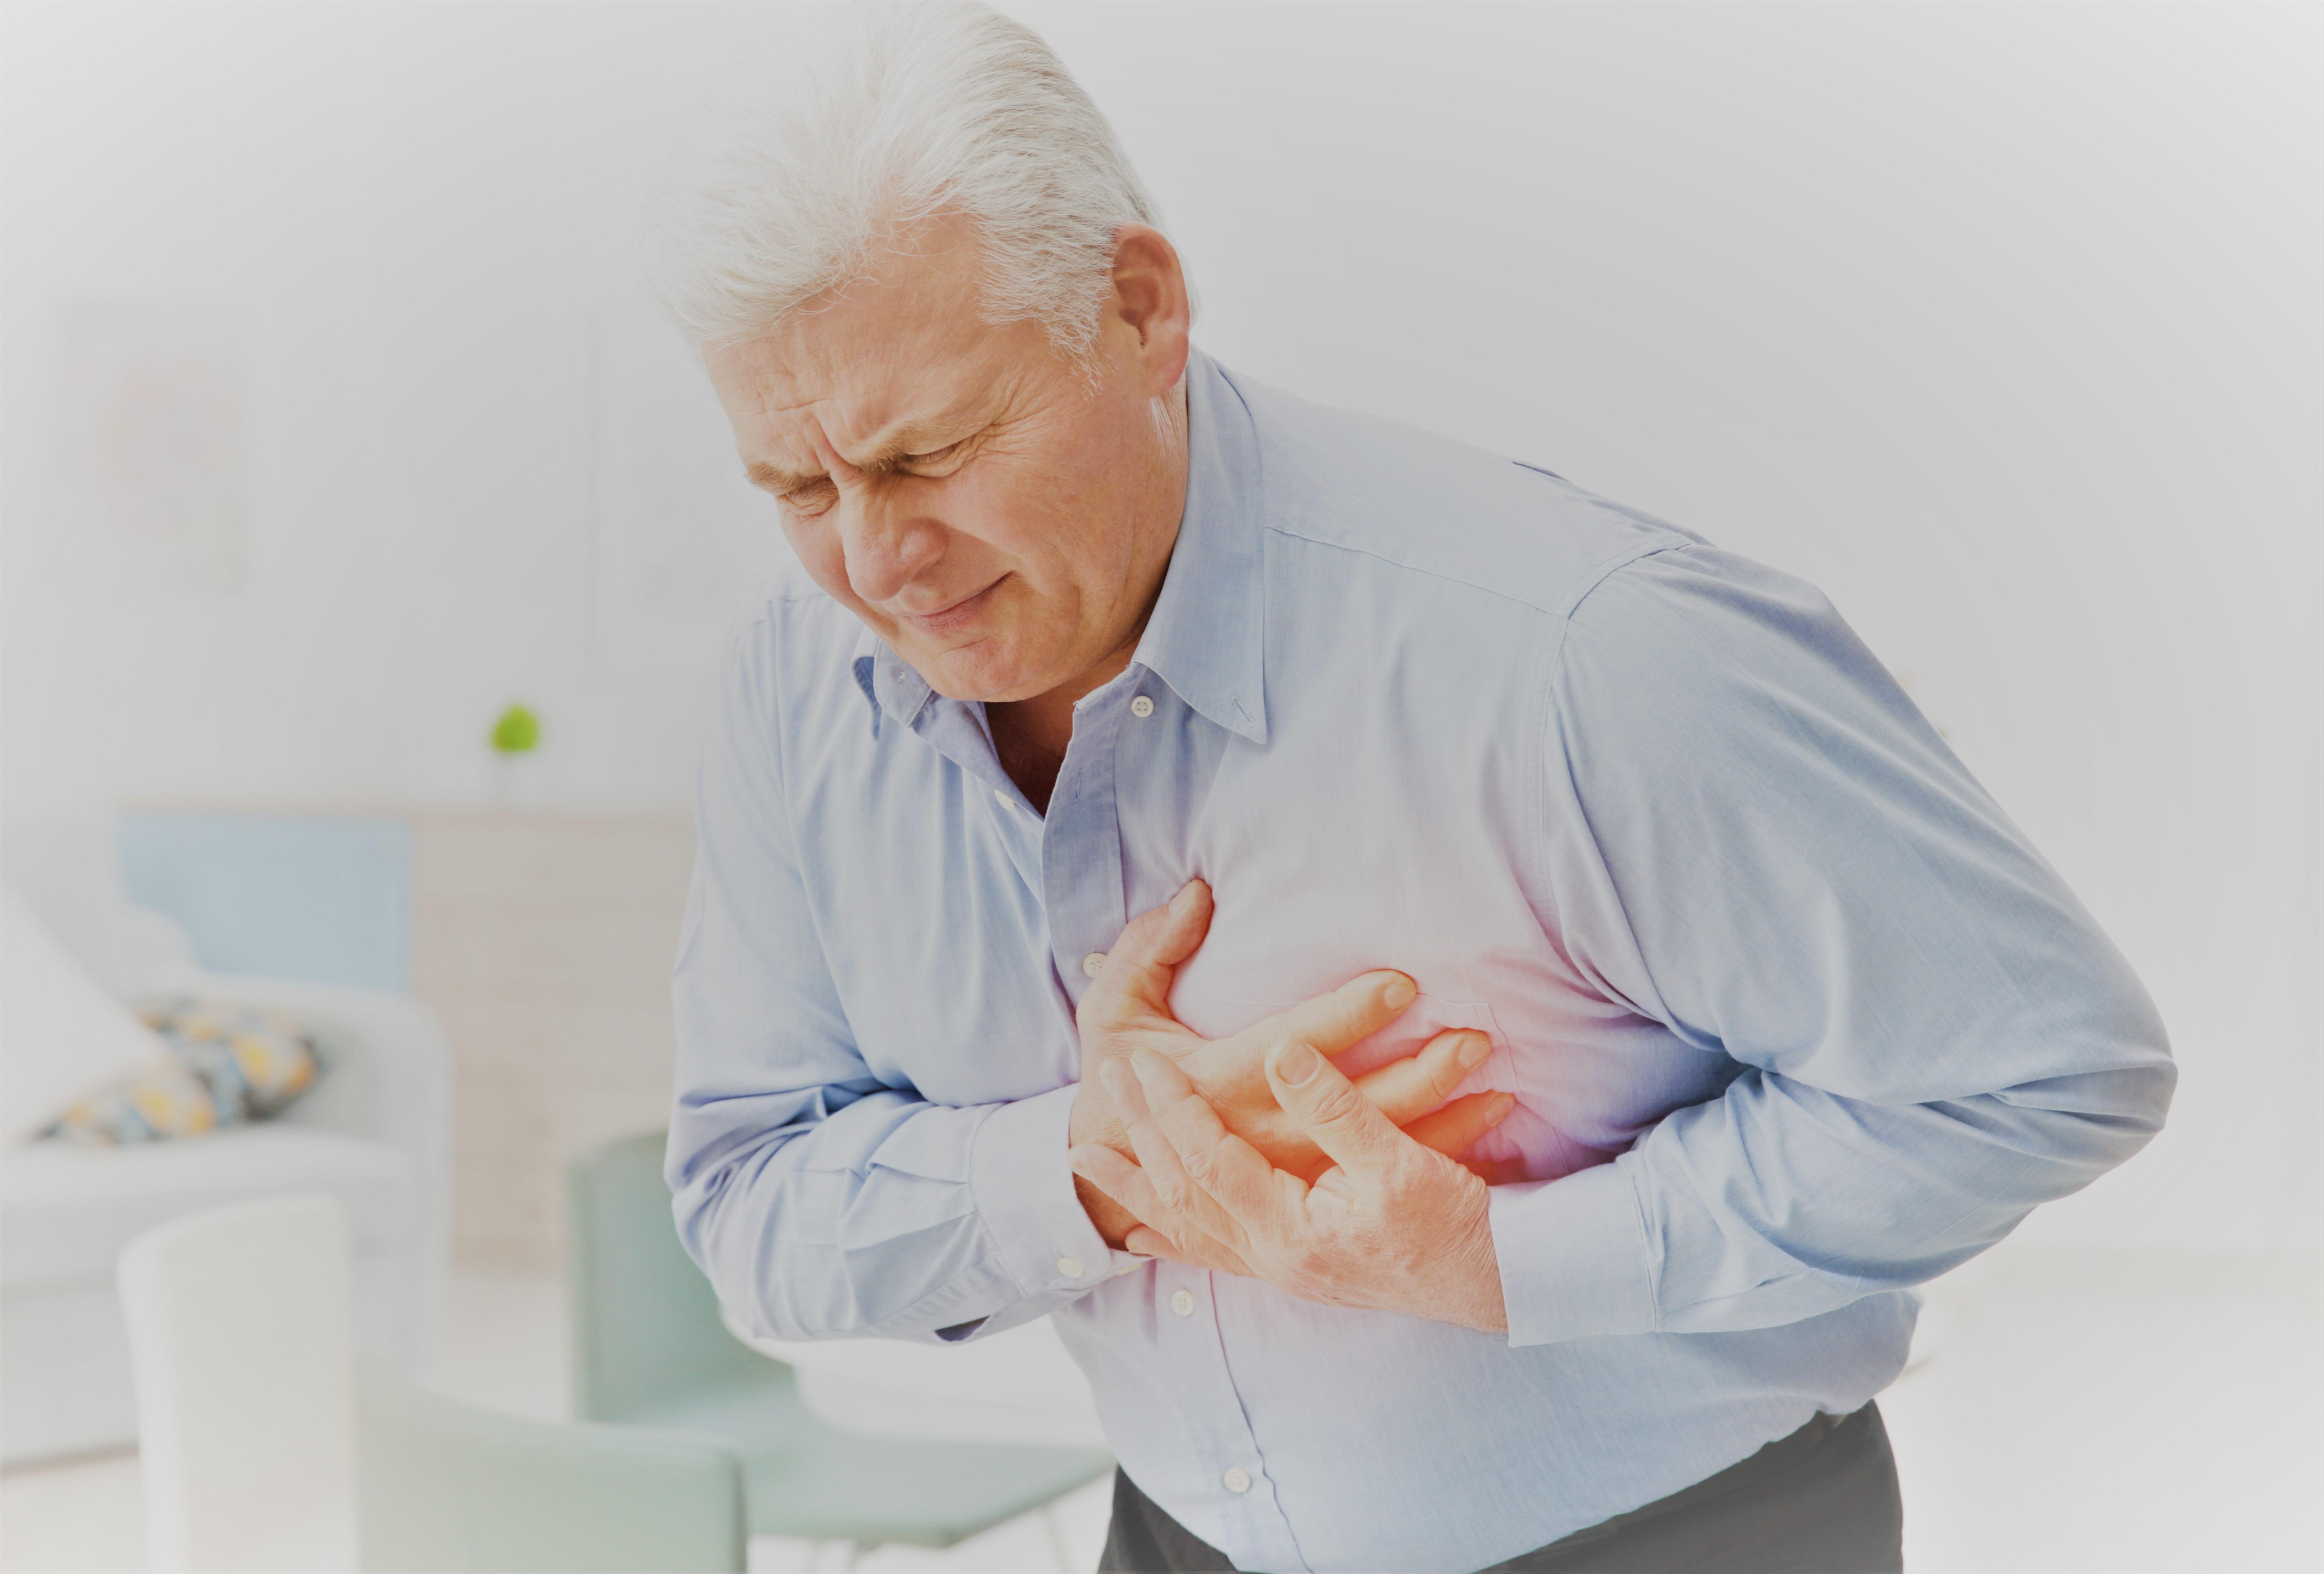 Csontritkulás okai, kivizsgálása, kezelése - Endokrinközpont